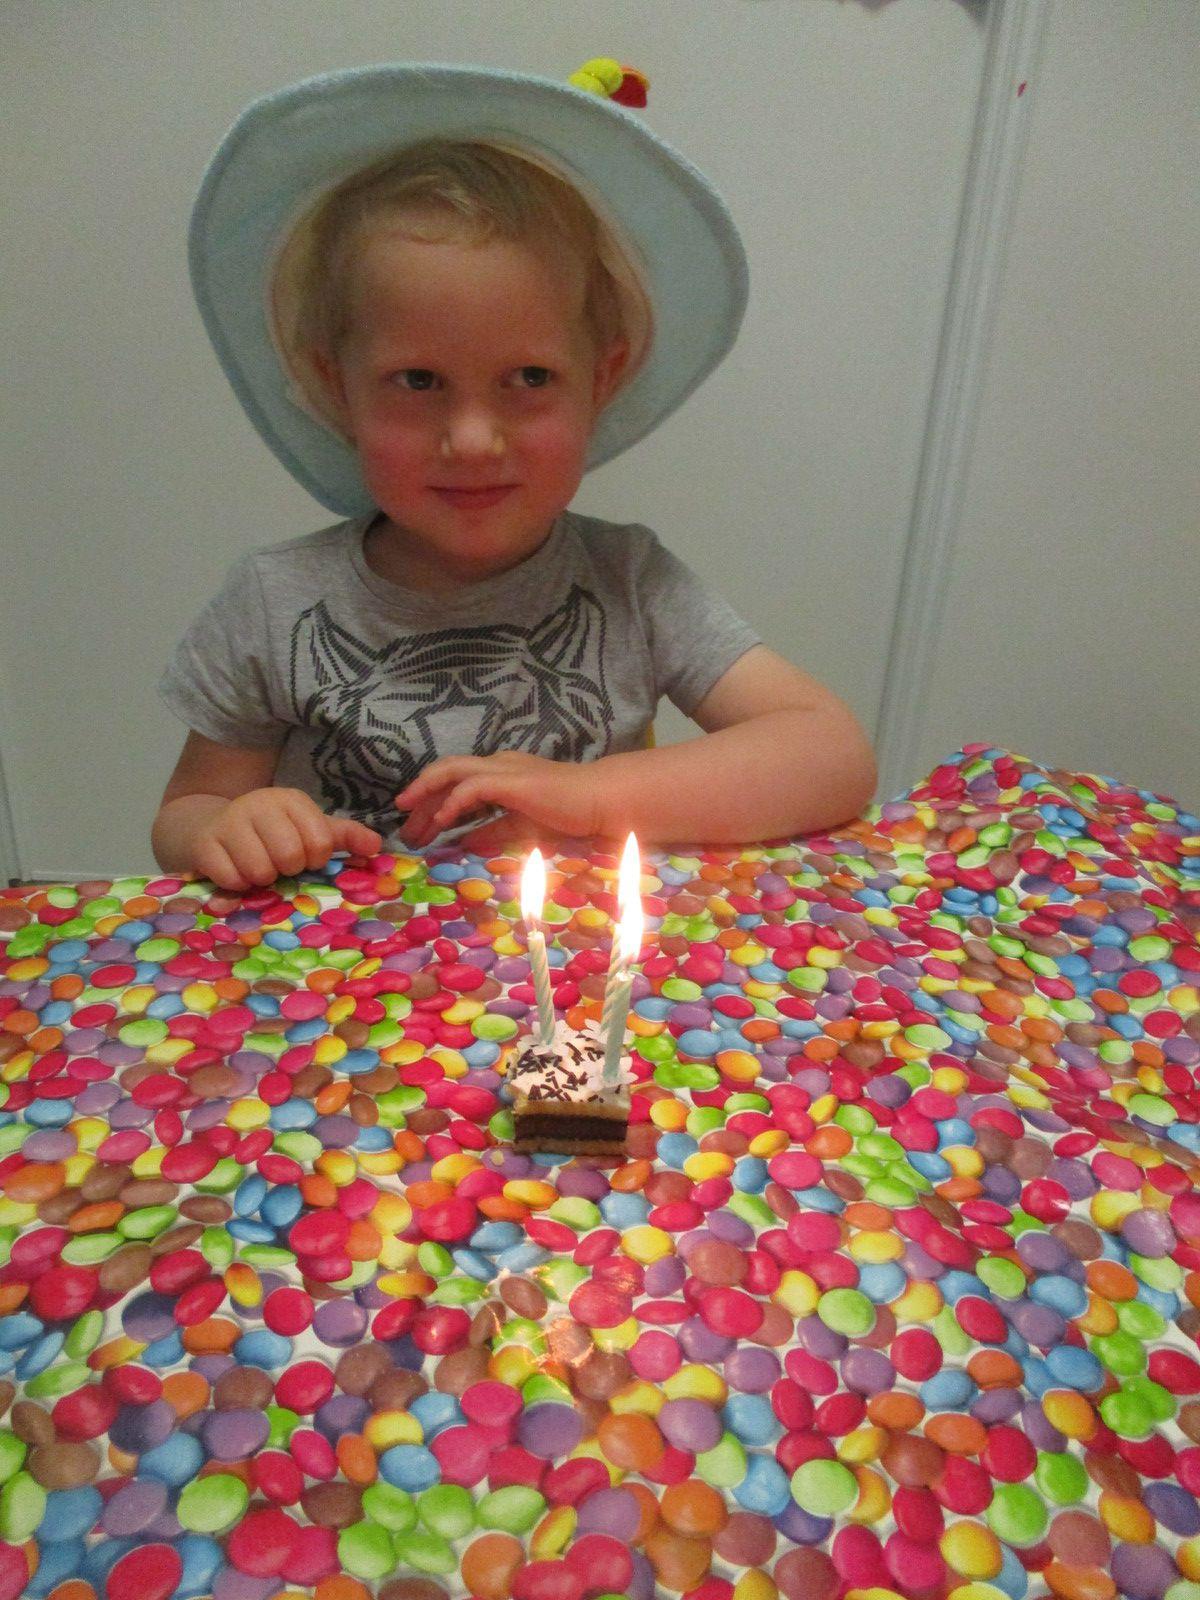 Nous avons souhaité un joyeux anniversaire a Nathan pour ses 3 ans.